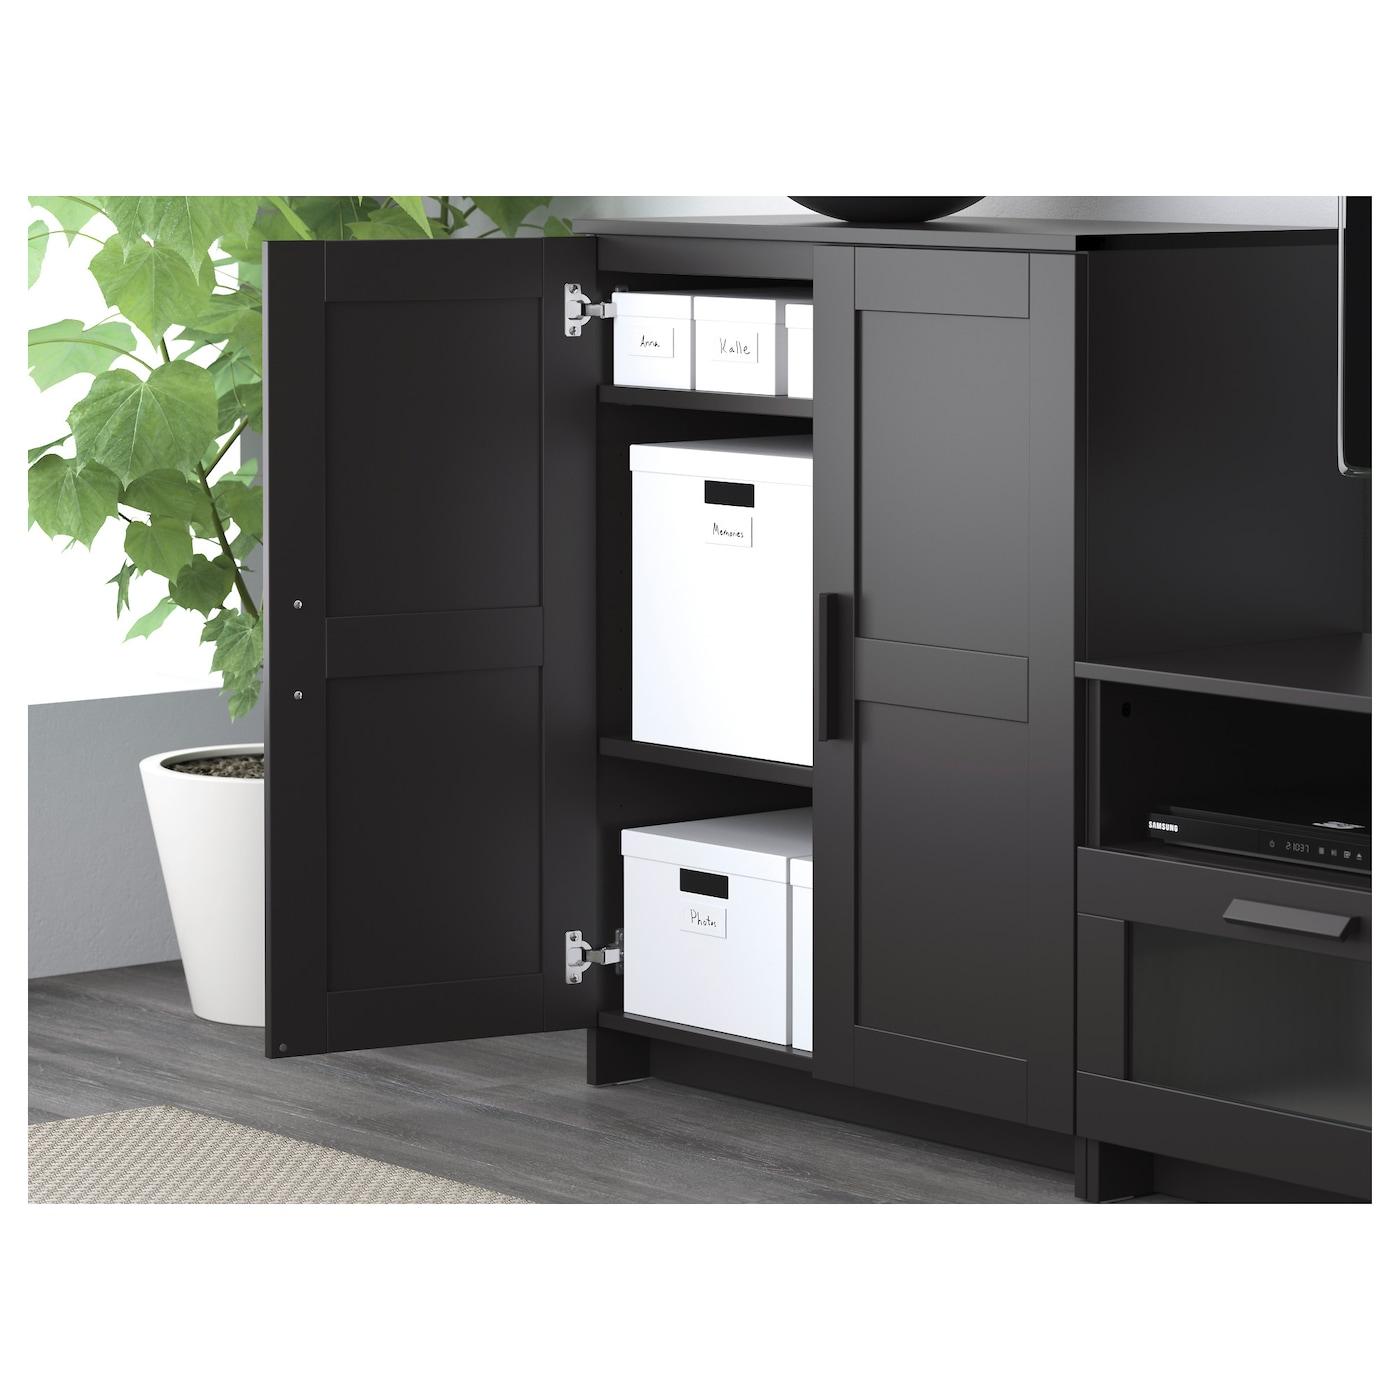 Brimnes combinaison meuble tv noir 258 x 41 x 190 cm ikea for Meuble brimnes ikea